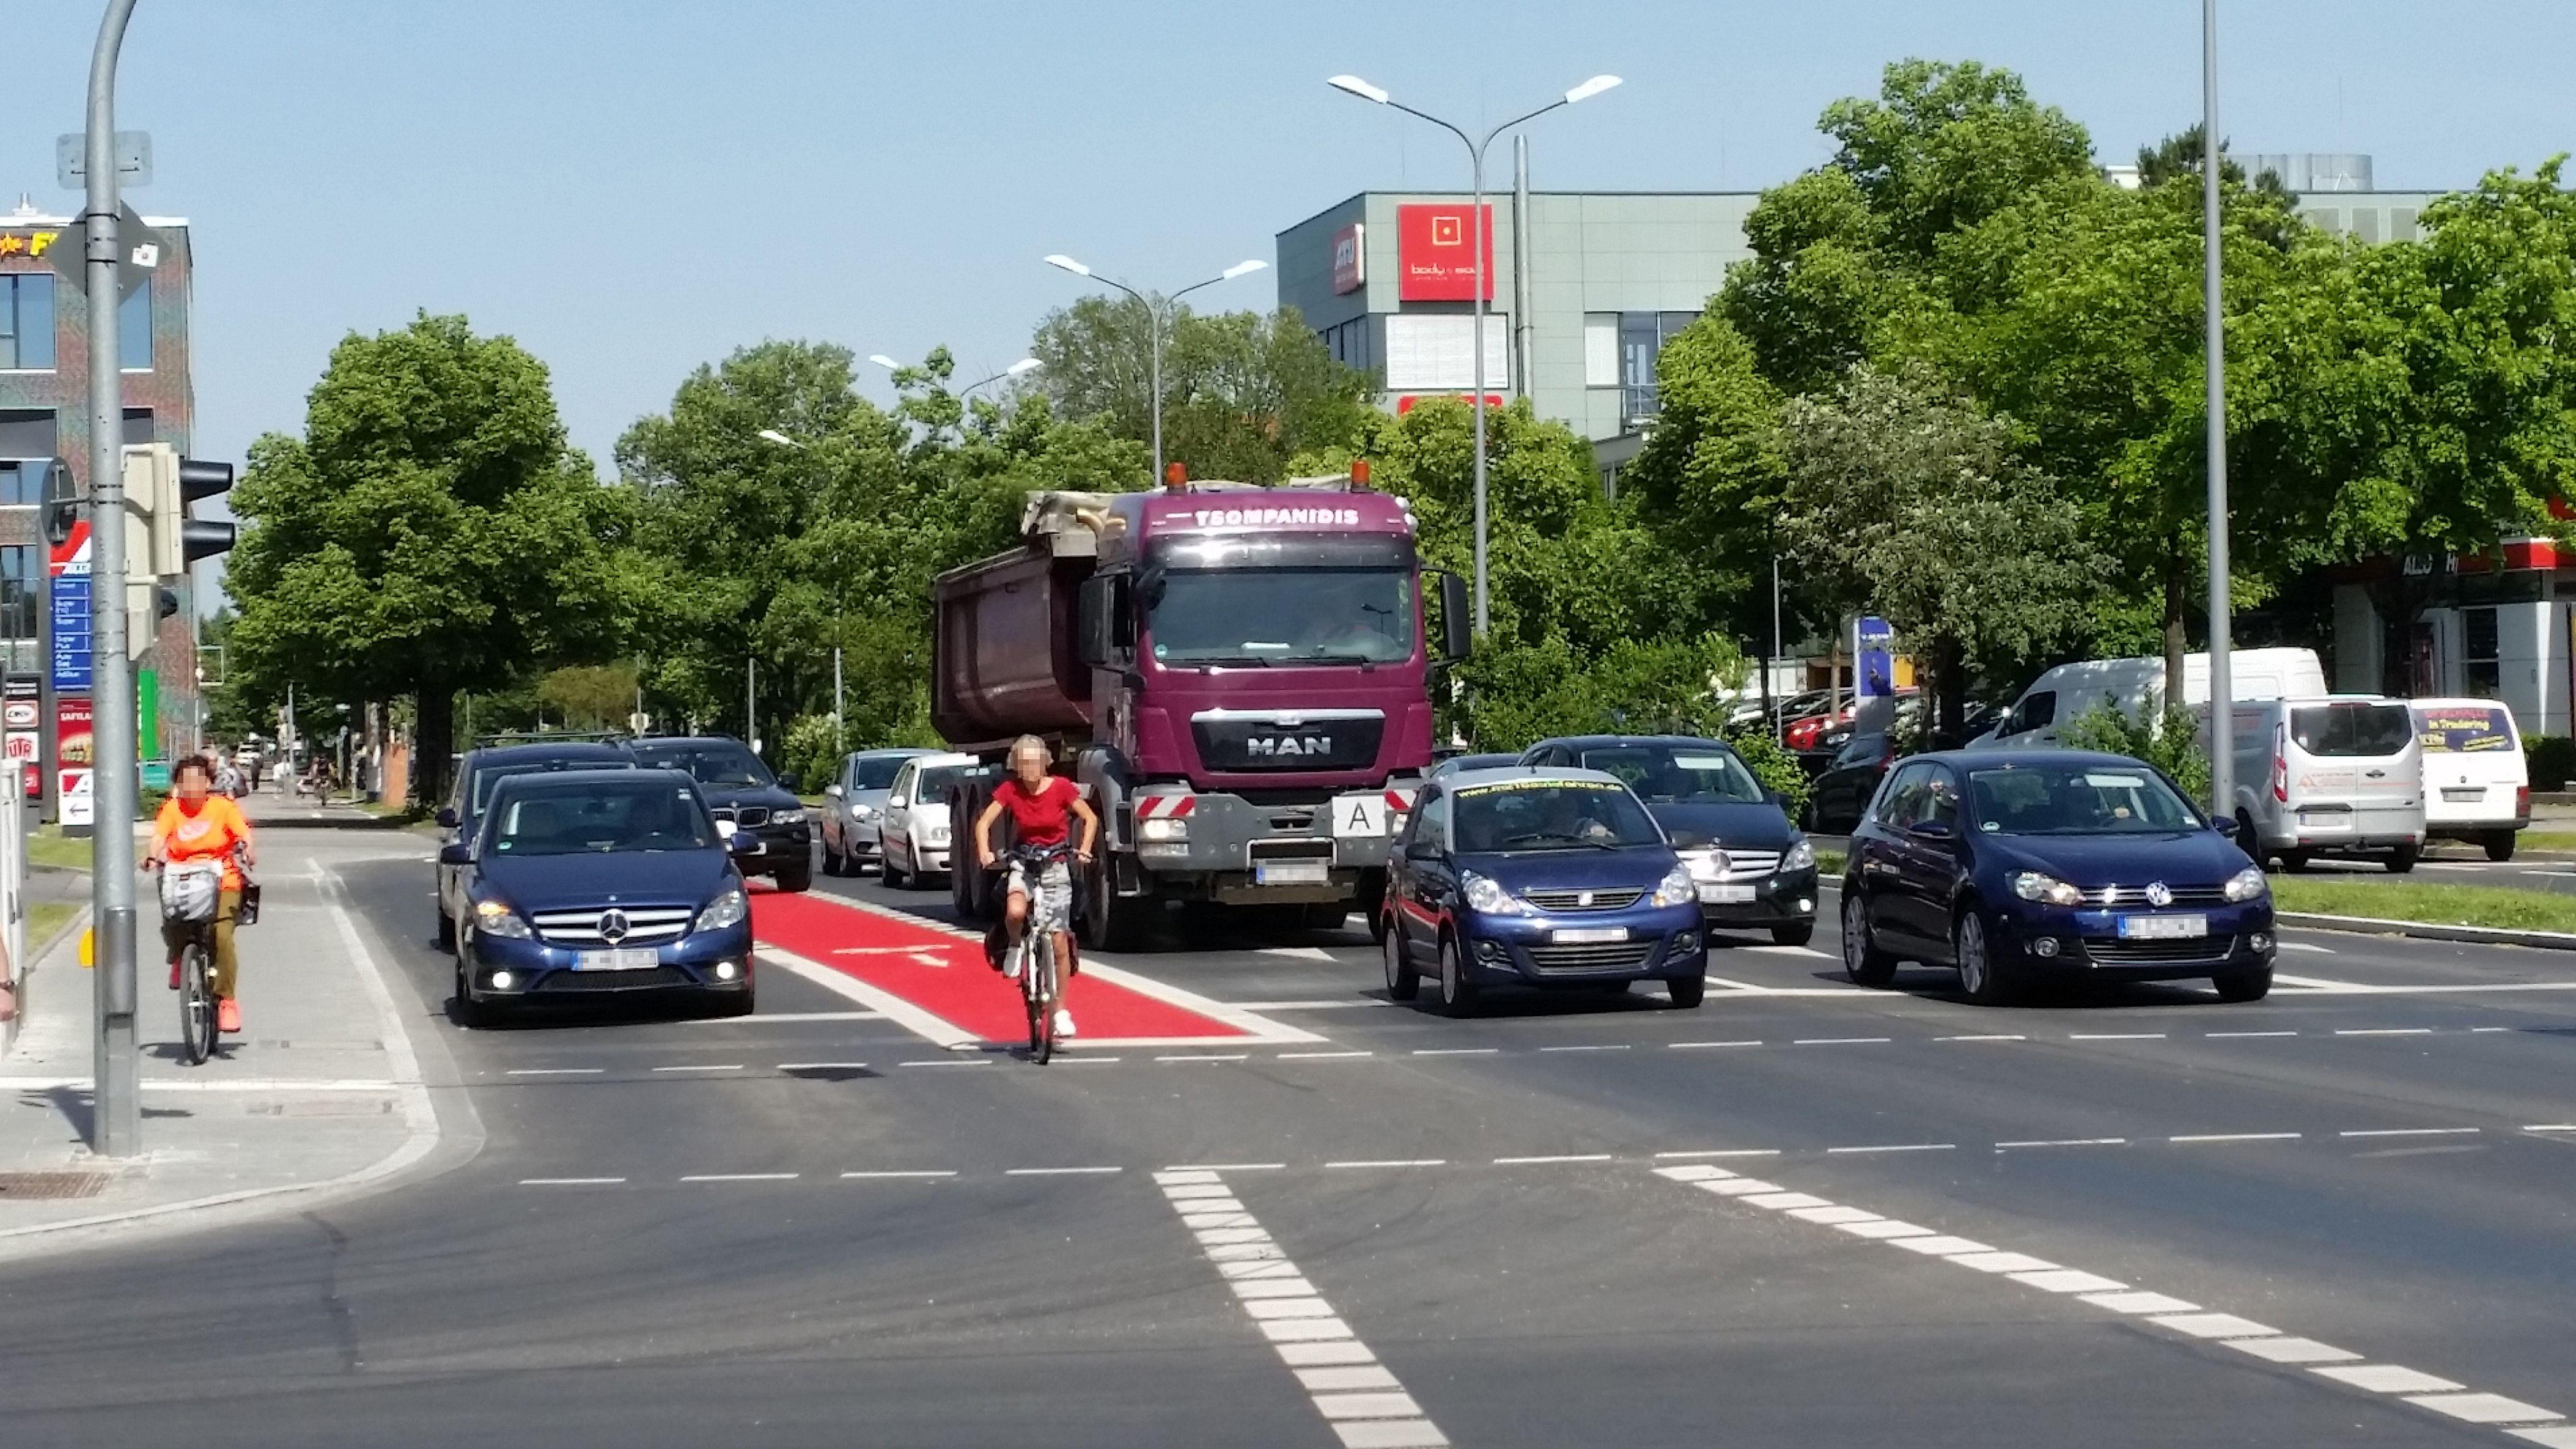 Trotz roter Farbe: Auf dieser Ausfallstraße im Münchner Osten leben Radlfahrer laut ADFC gefährlich - hinten links ist noch eine Tankstellenausfahrt.